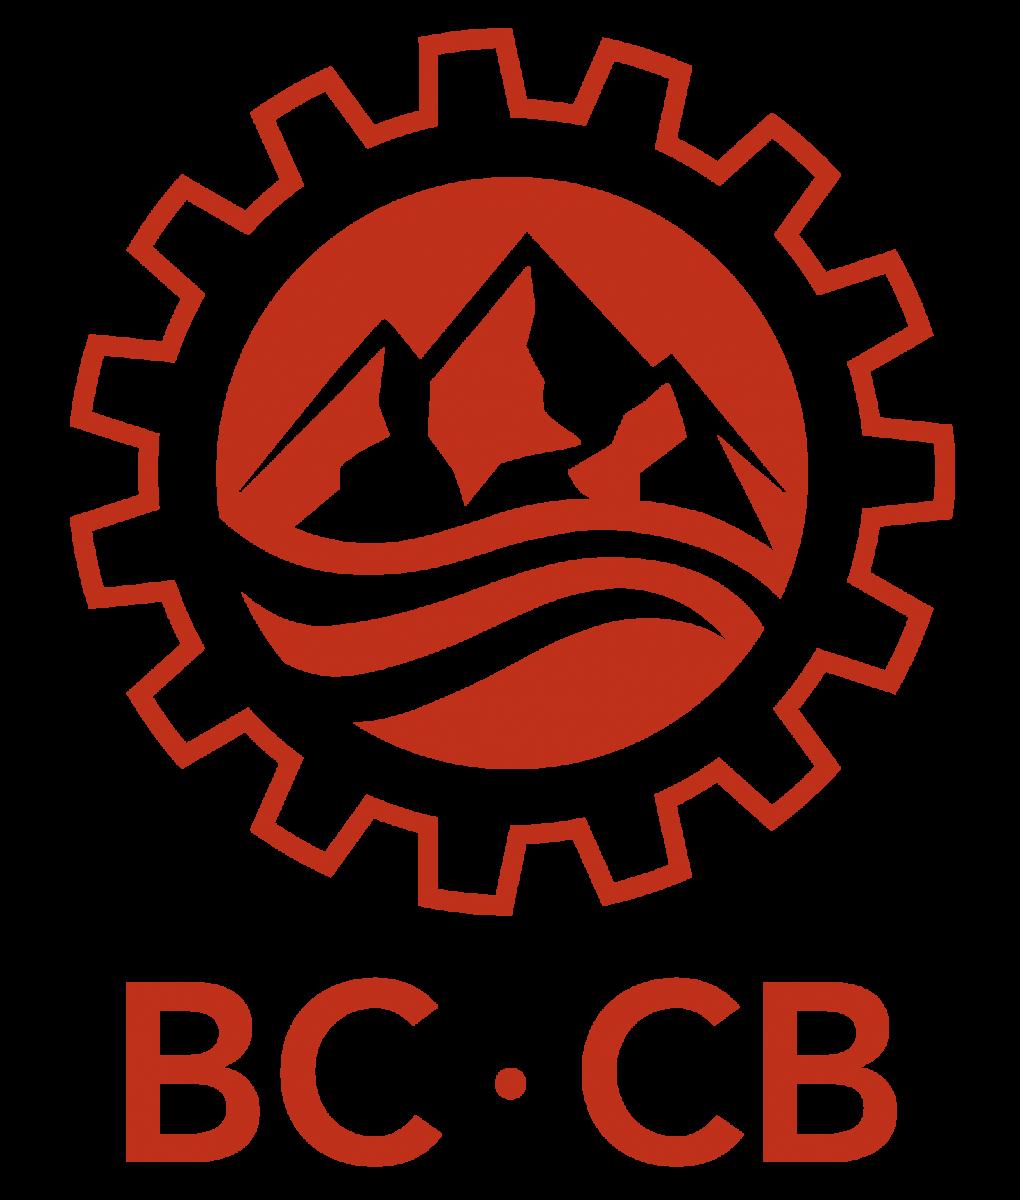 British Columbia - Colombie Britannique